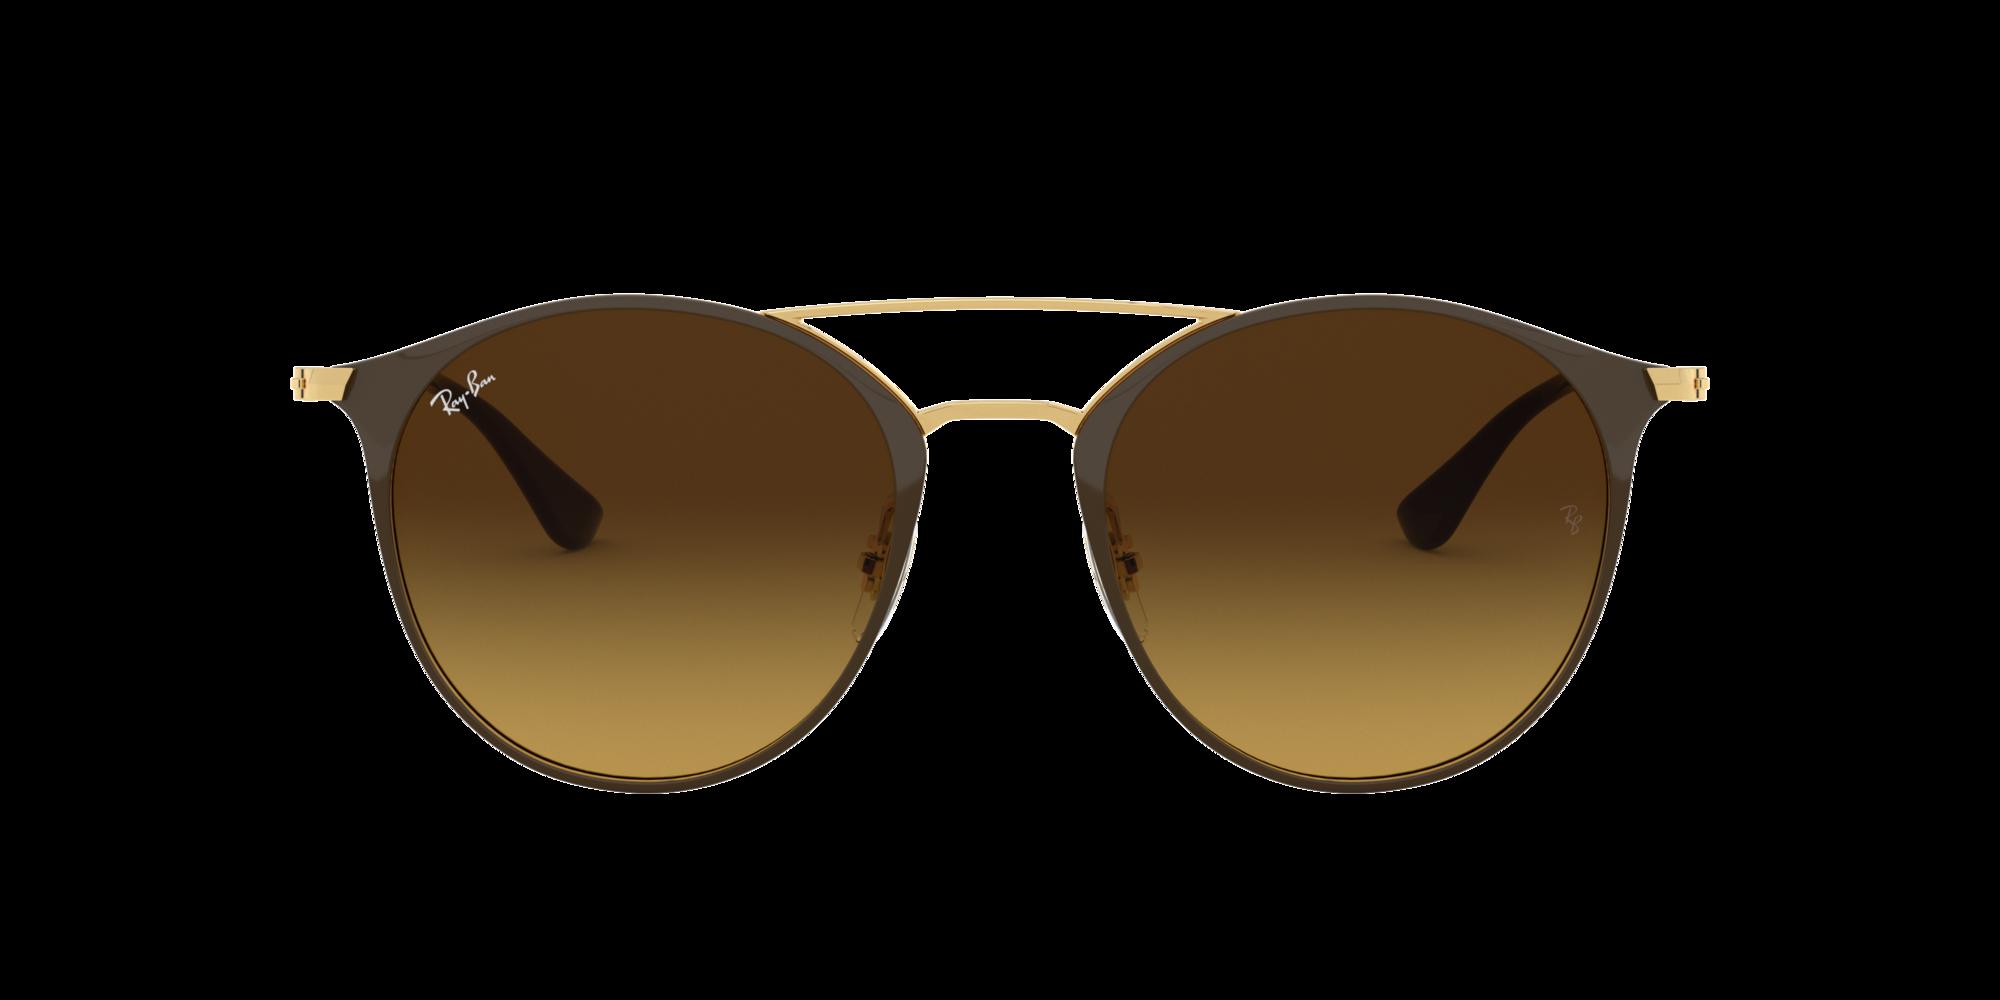 Imagen para RB3546 52 de LensCrafters |  Espejuelos, espejuelos graduados en línea, gafas